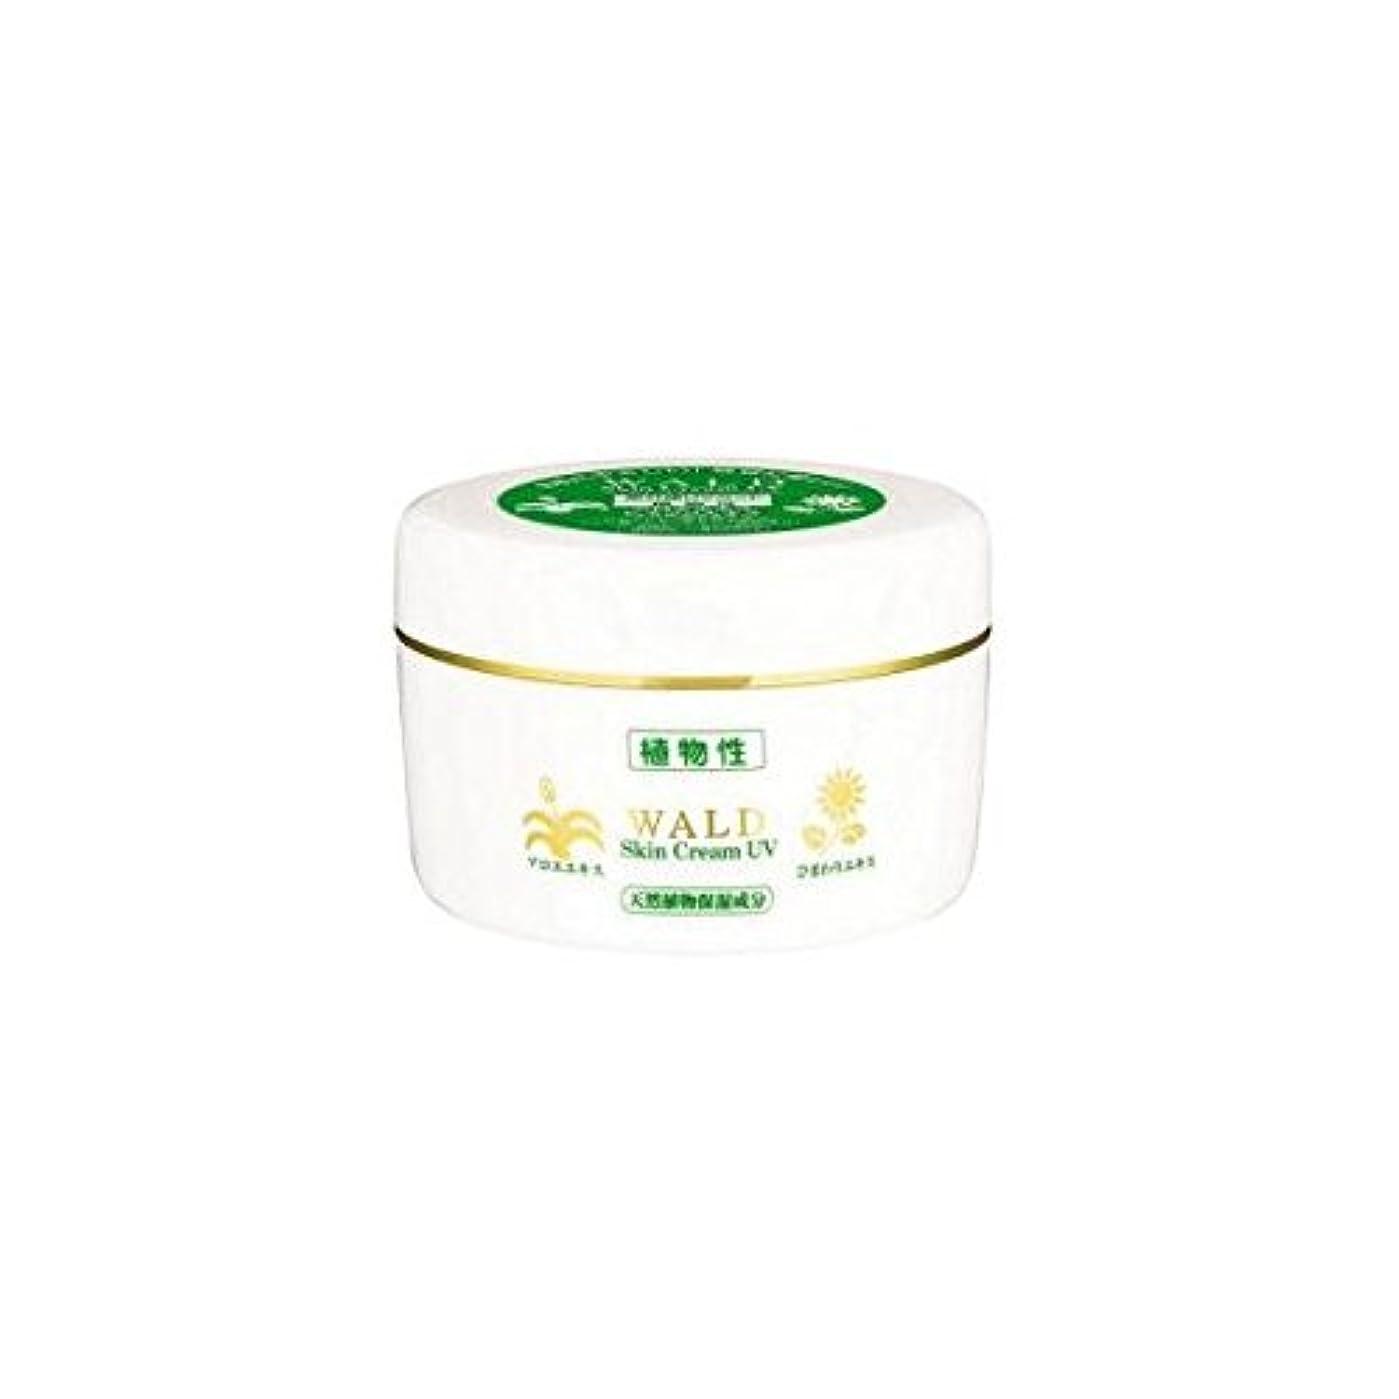 作曲家ケーキバレエ新 ヴァルトスキンクリーム UV (WALD Skin Cream UV) 220g (1)